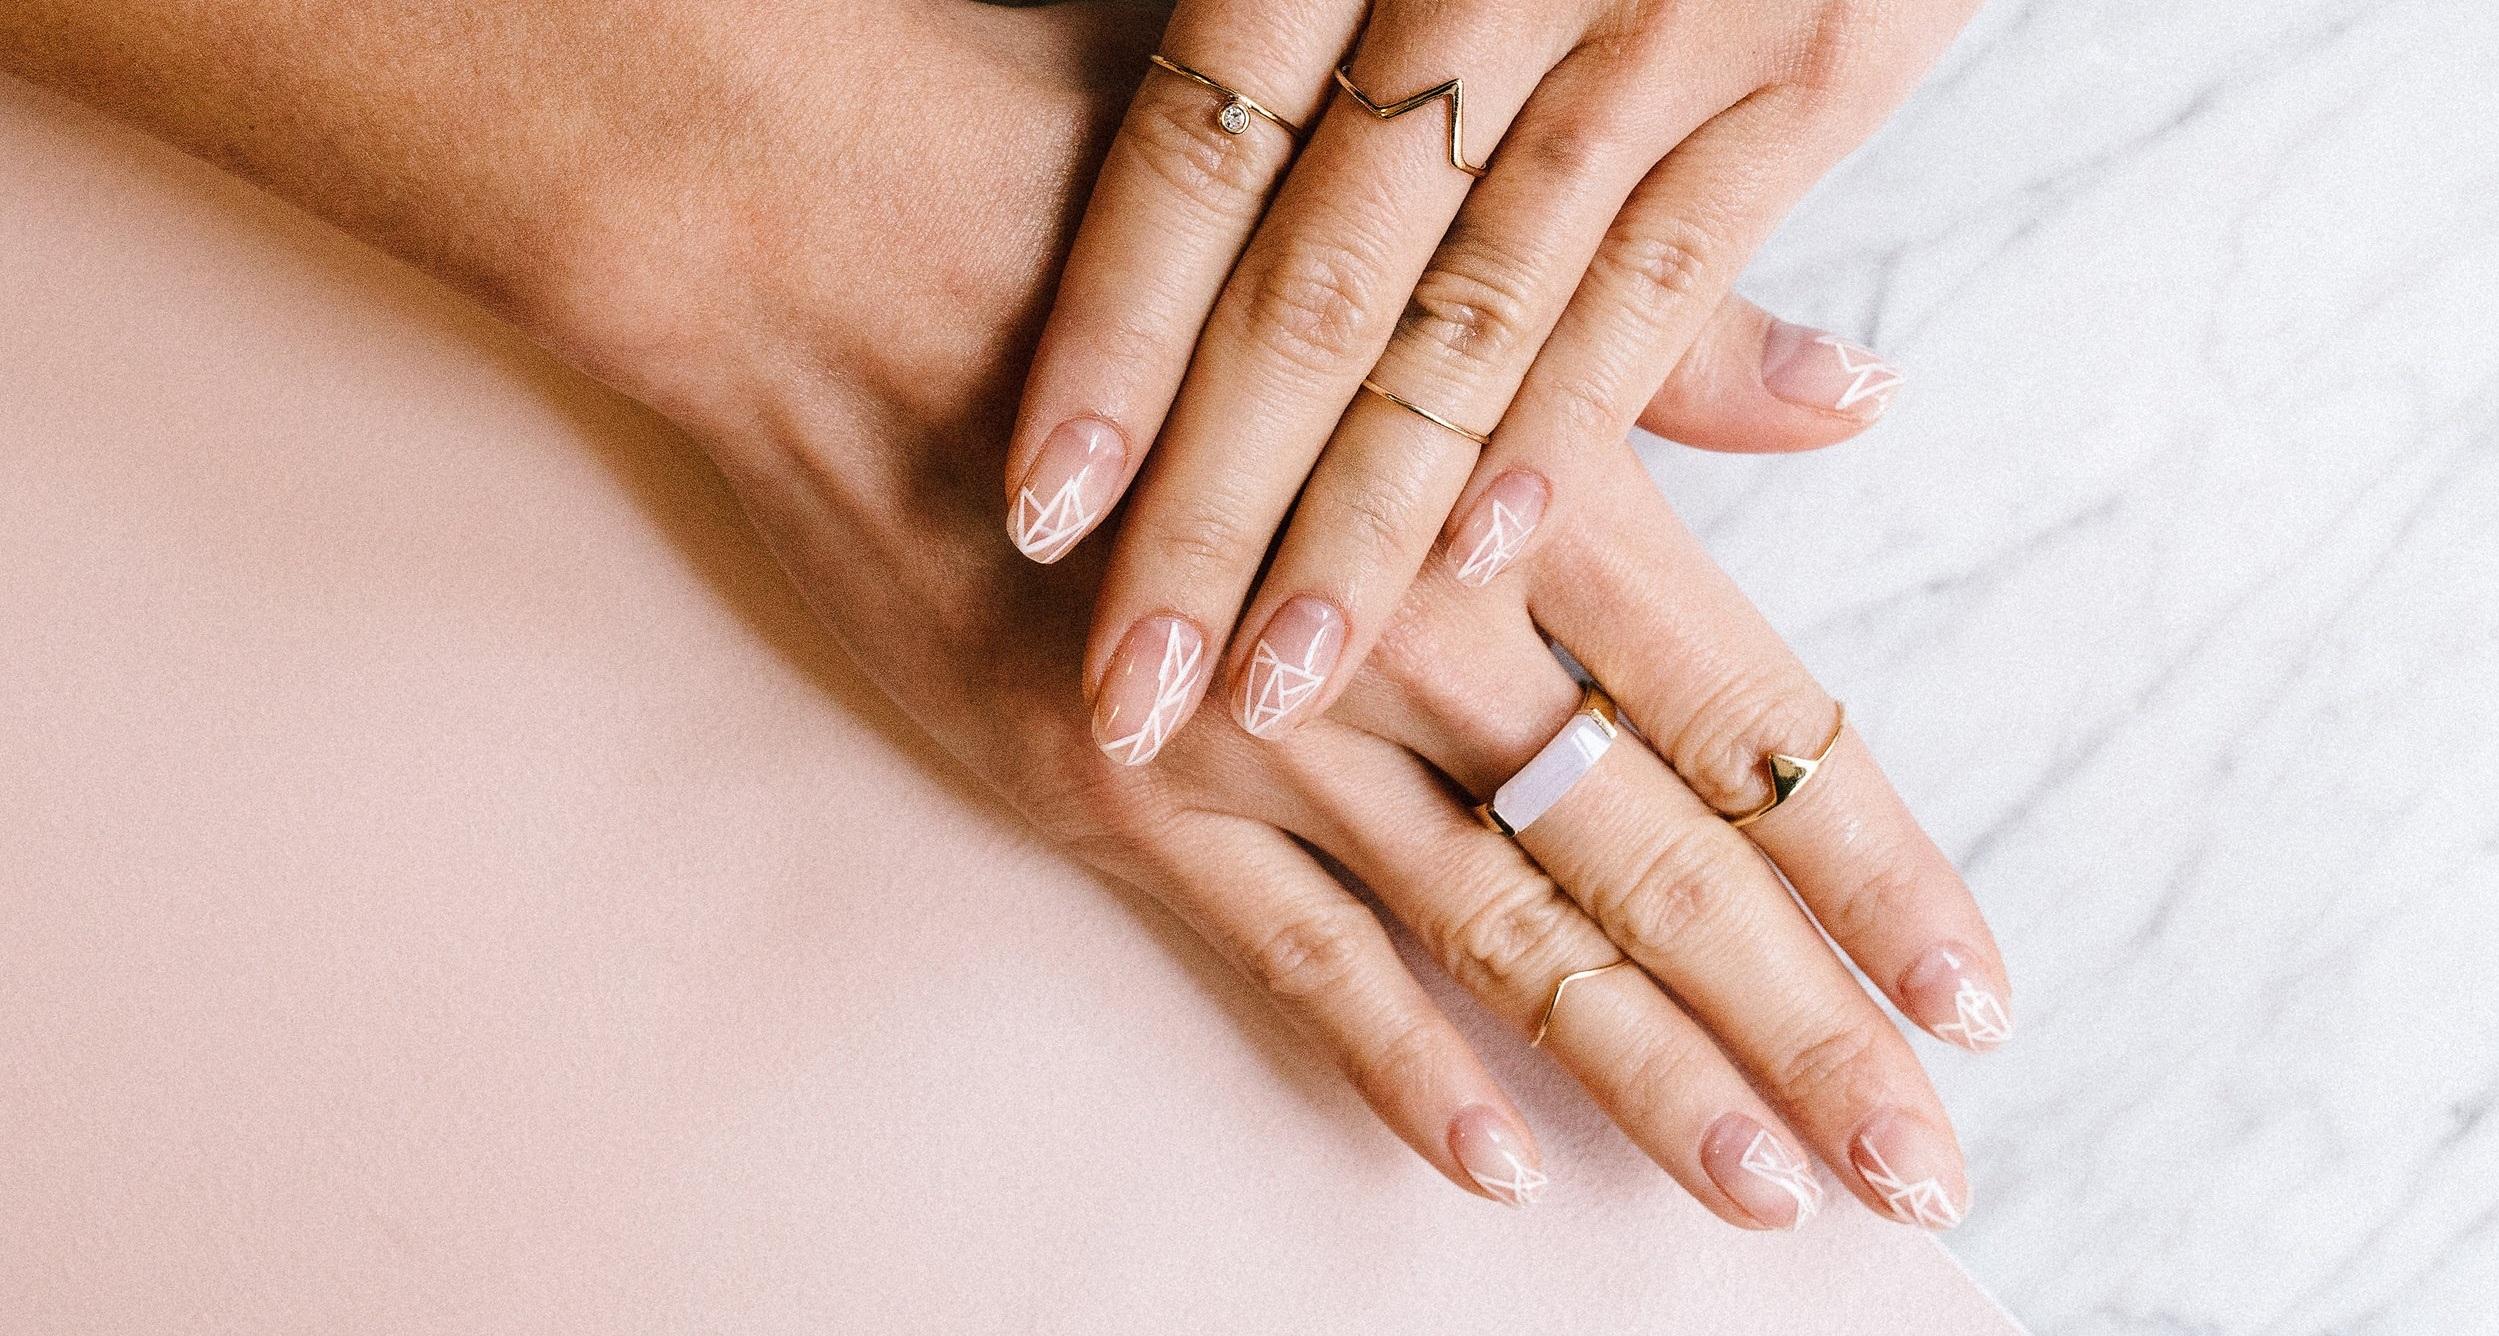 shoreditch nails